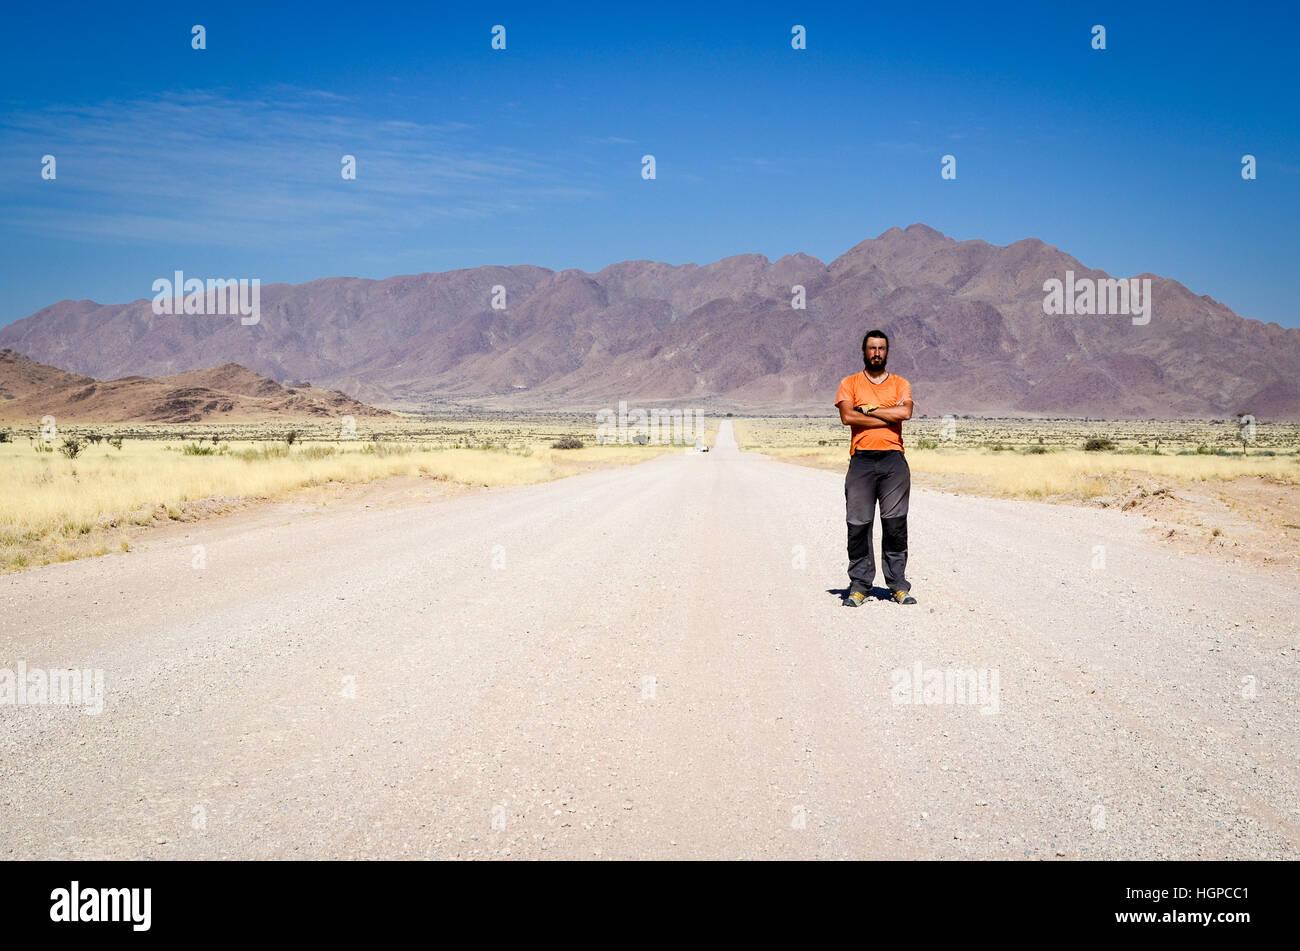 Uomo in piedi sul C19 strada nel deserto del Namib, Namibia Immagini Stock